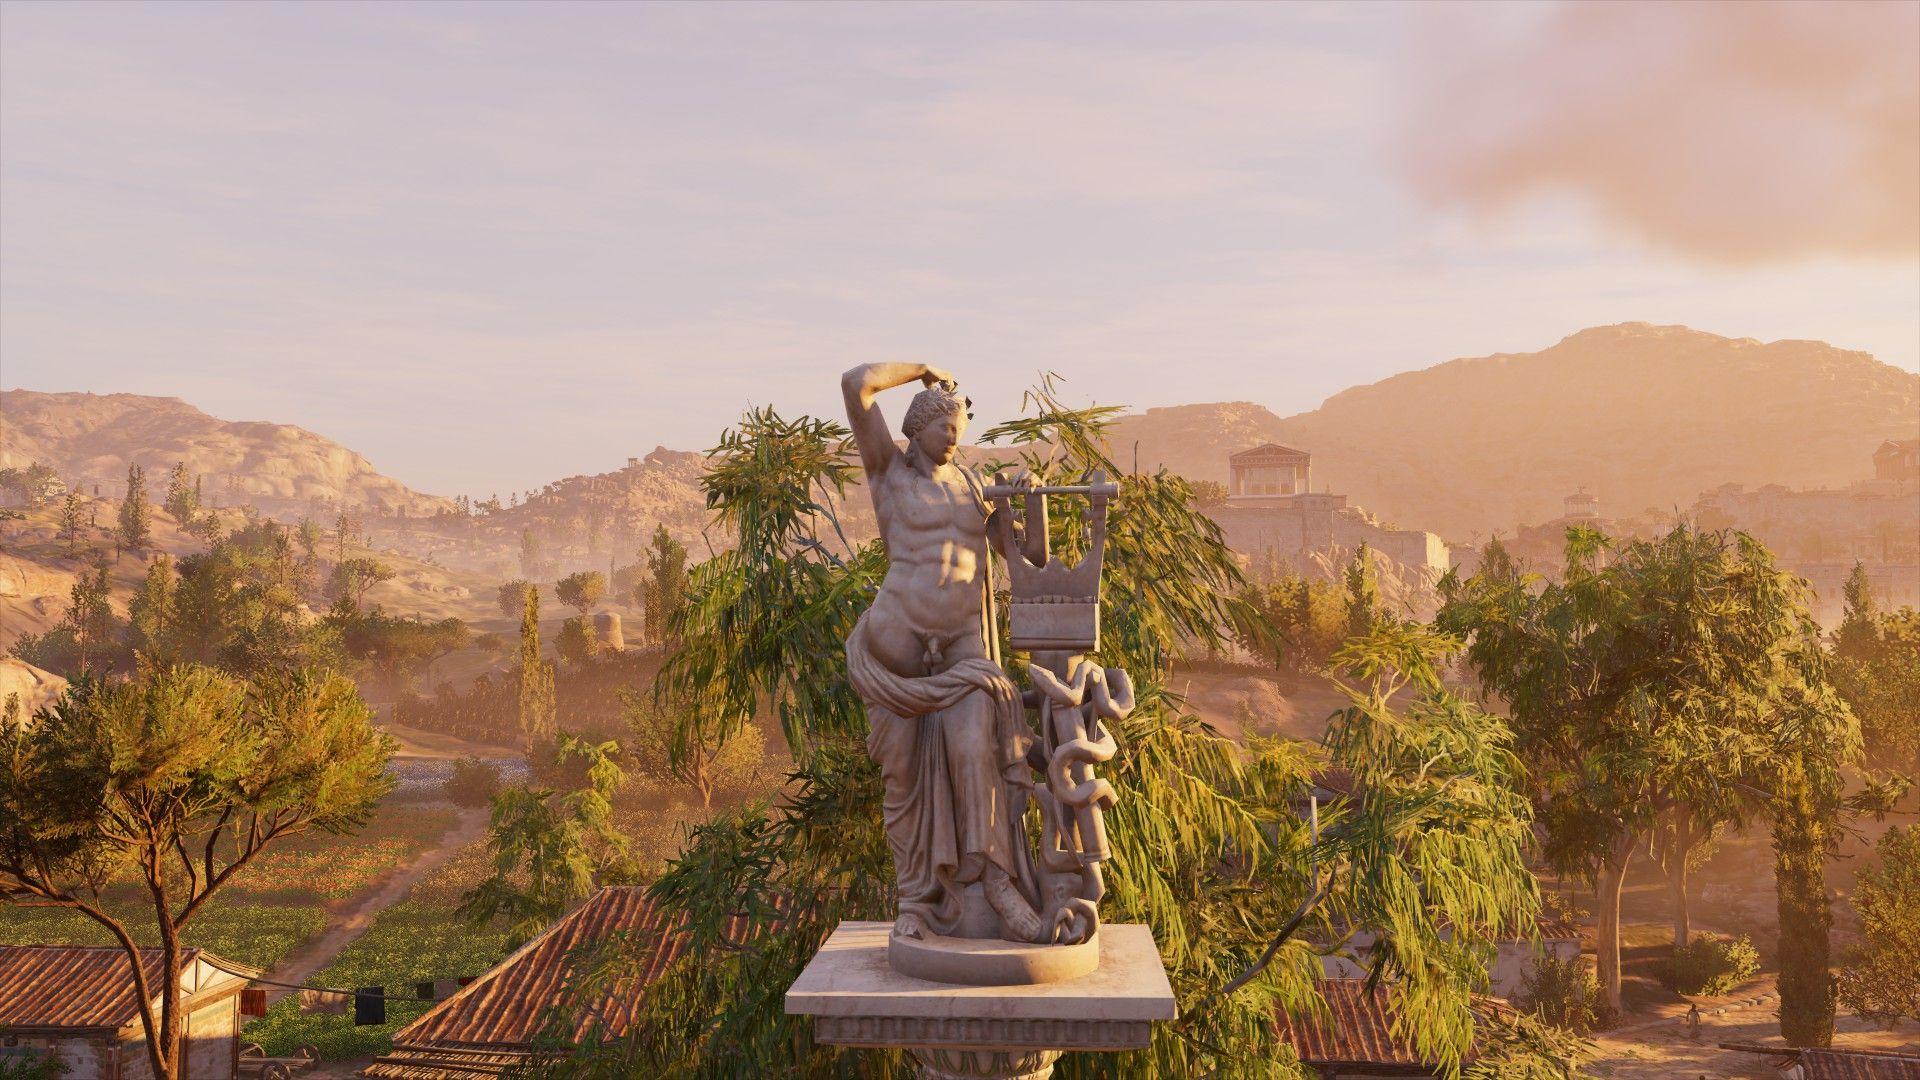 Apollo Apollo Statue Greek Pantheon Son Of Zeus